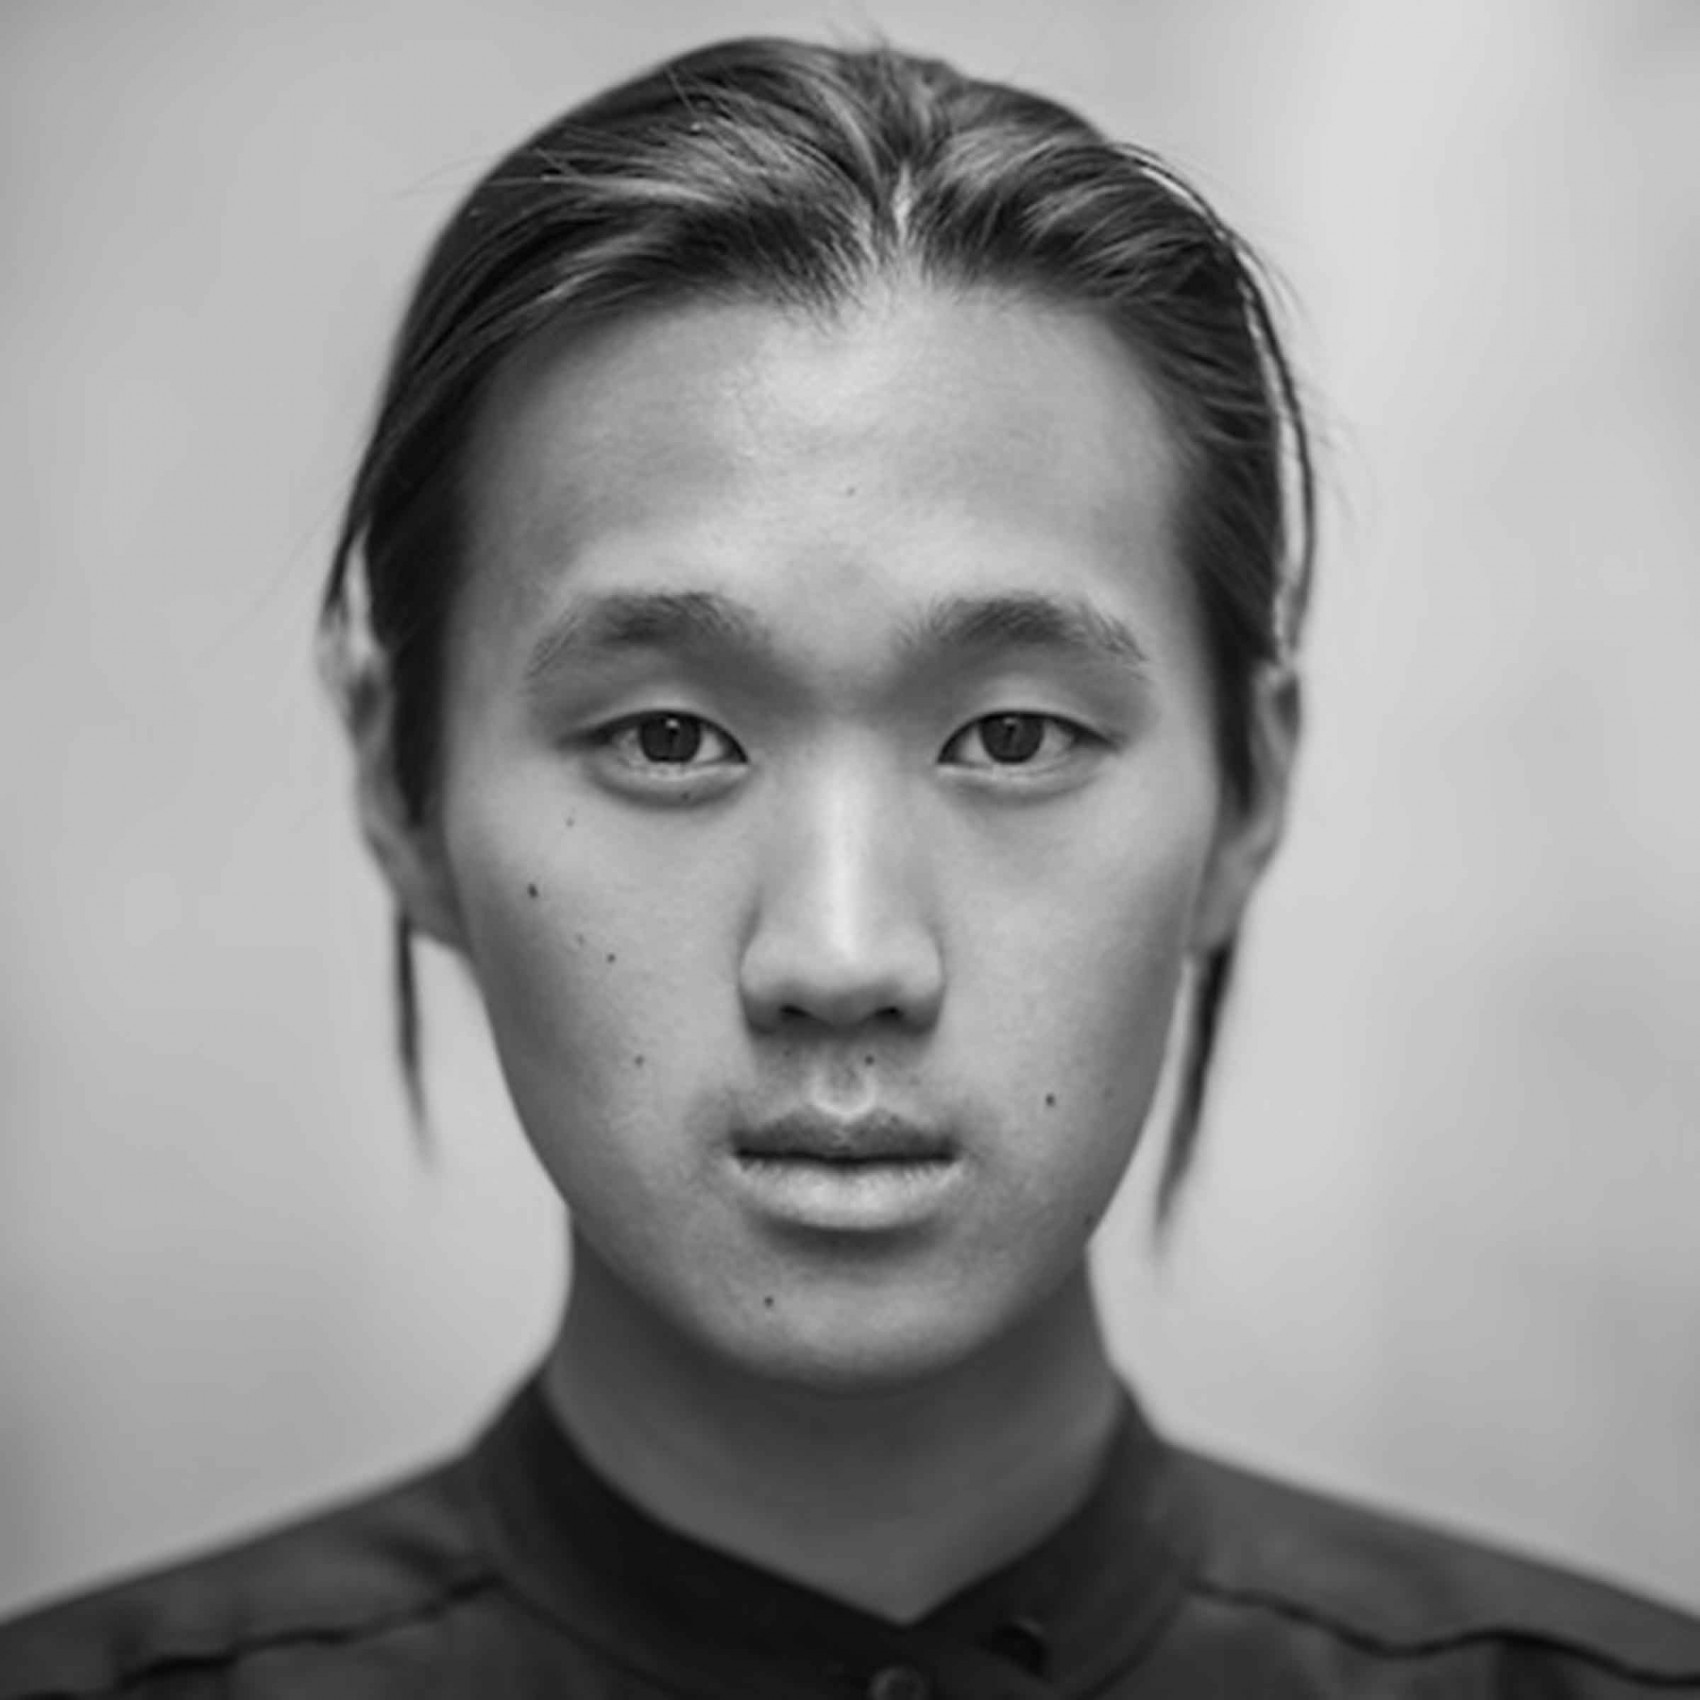 Head shot photograph of Ivan Cheng